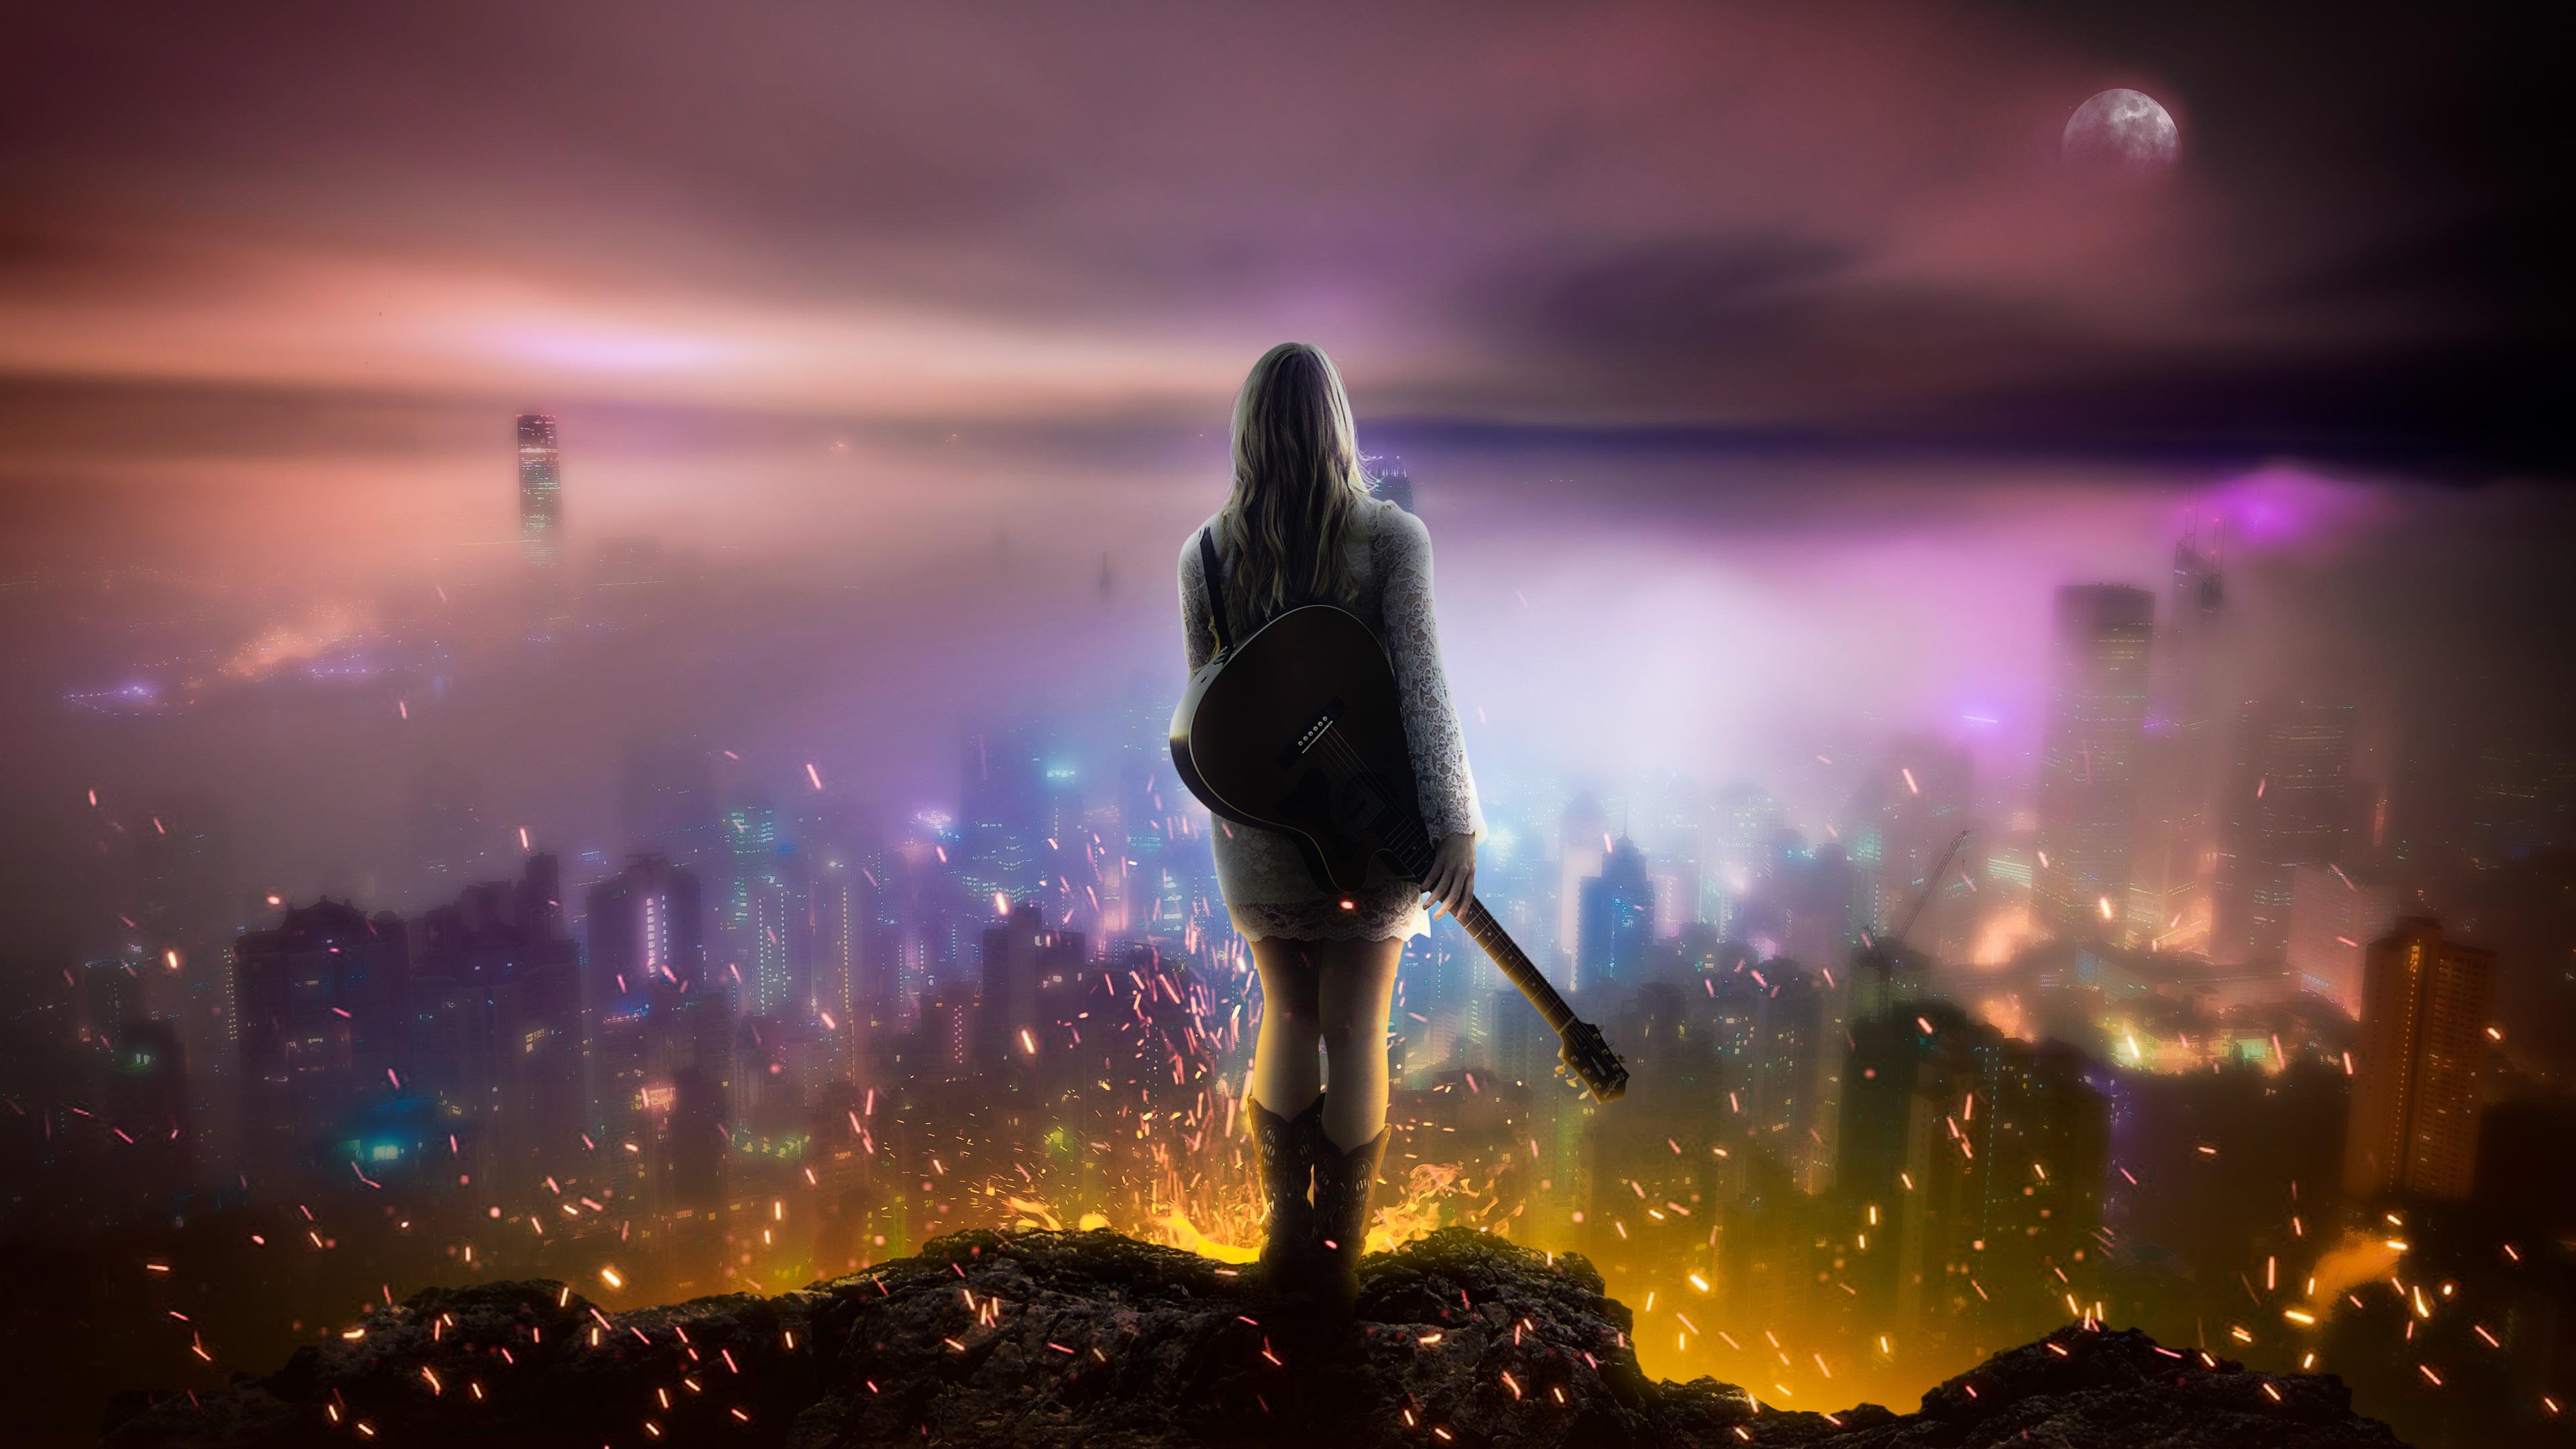 Профиль девушки с гитарой в лунном свете и искрах пламени